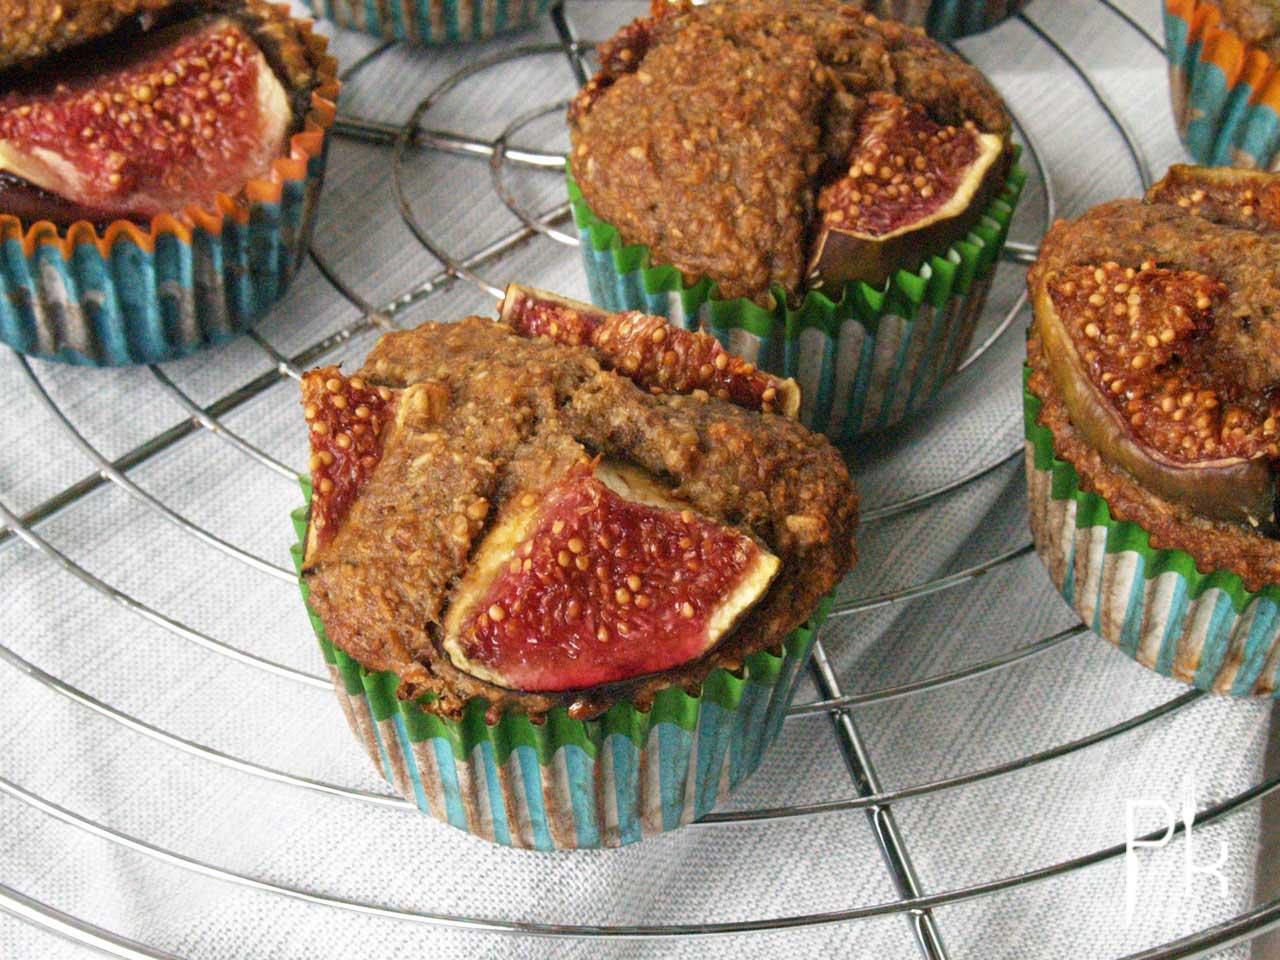 vijgen muffin